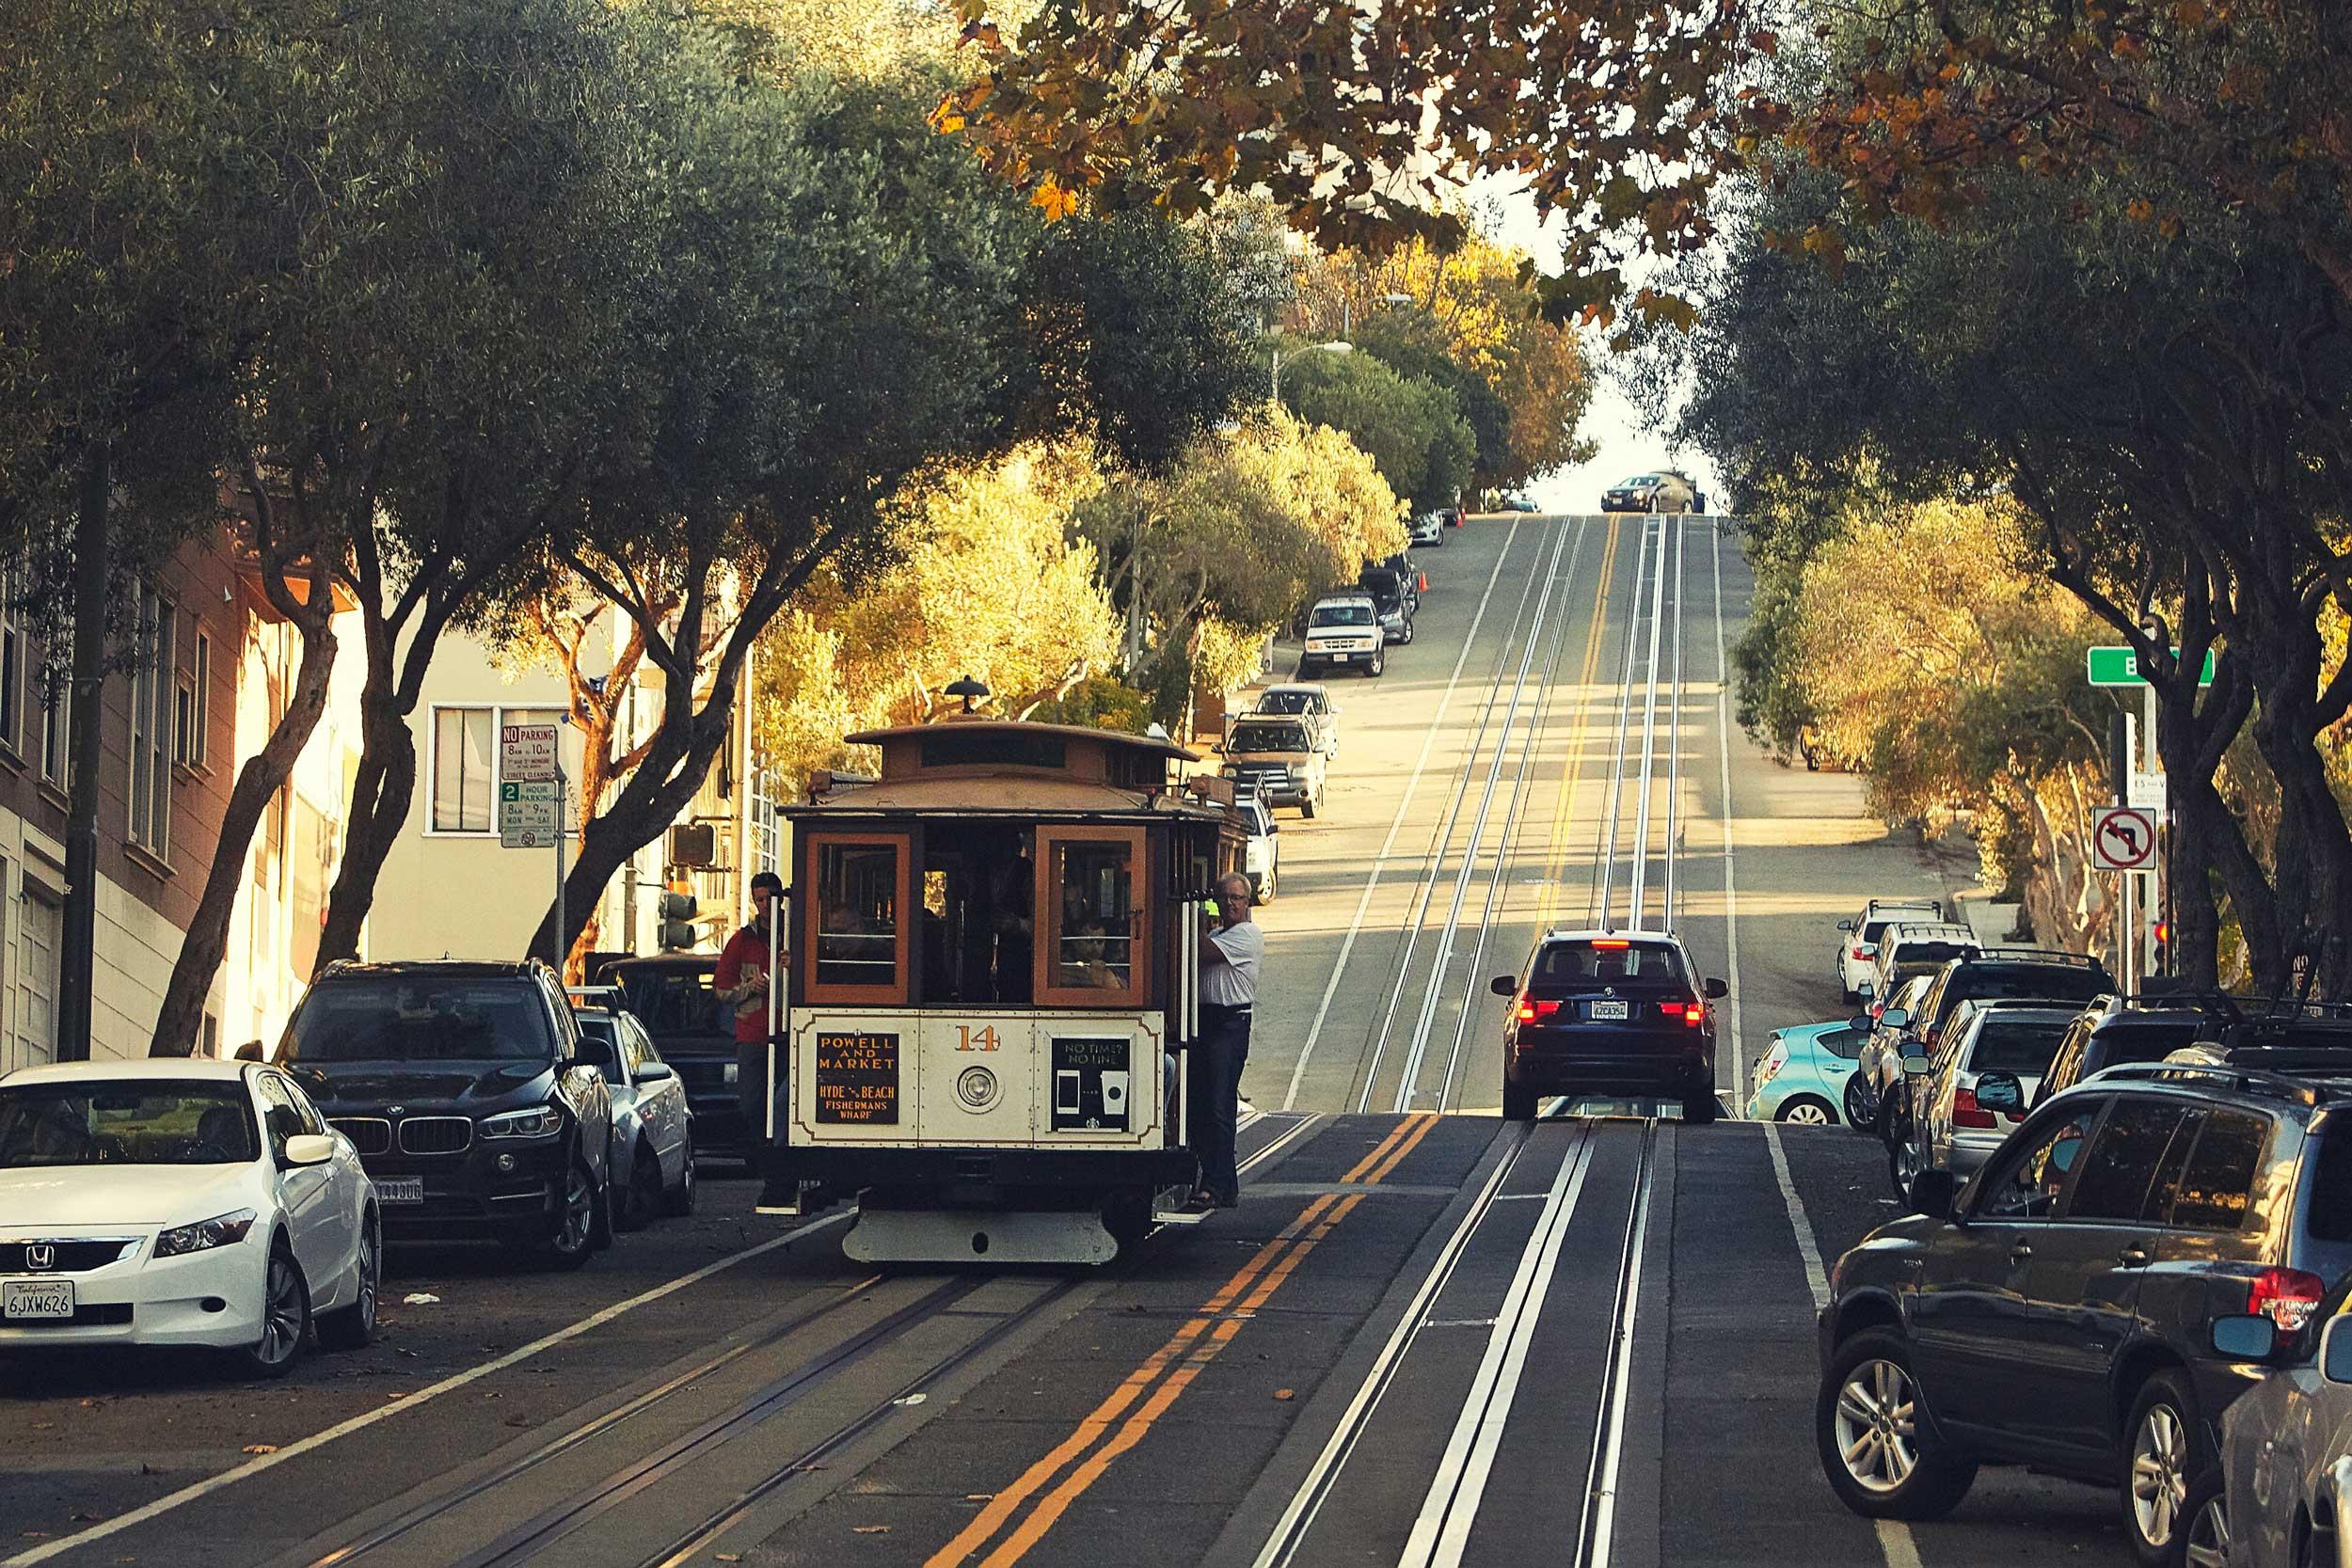 도로 위 레일을 따라 전차가 다니는 풍경을 도시 곳곳에서 볼 수 있다. © 박정우